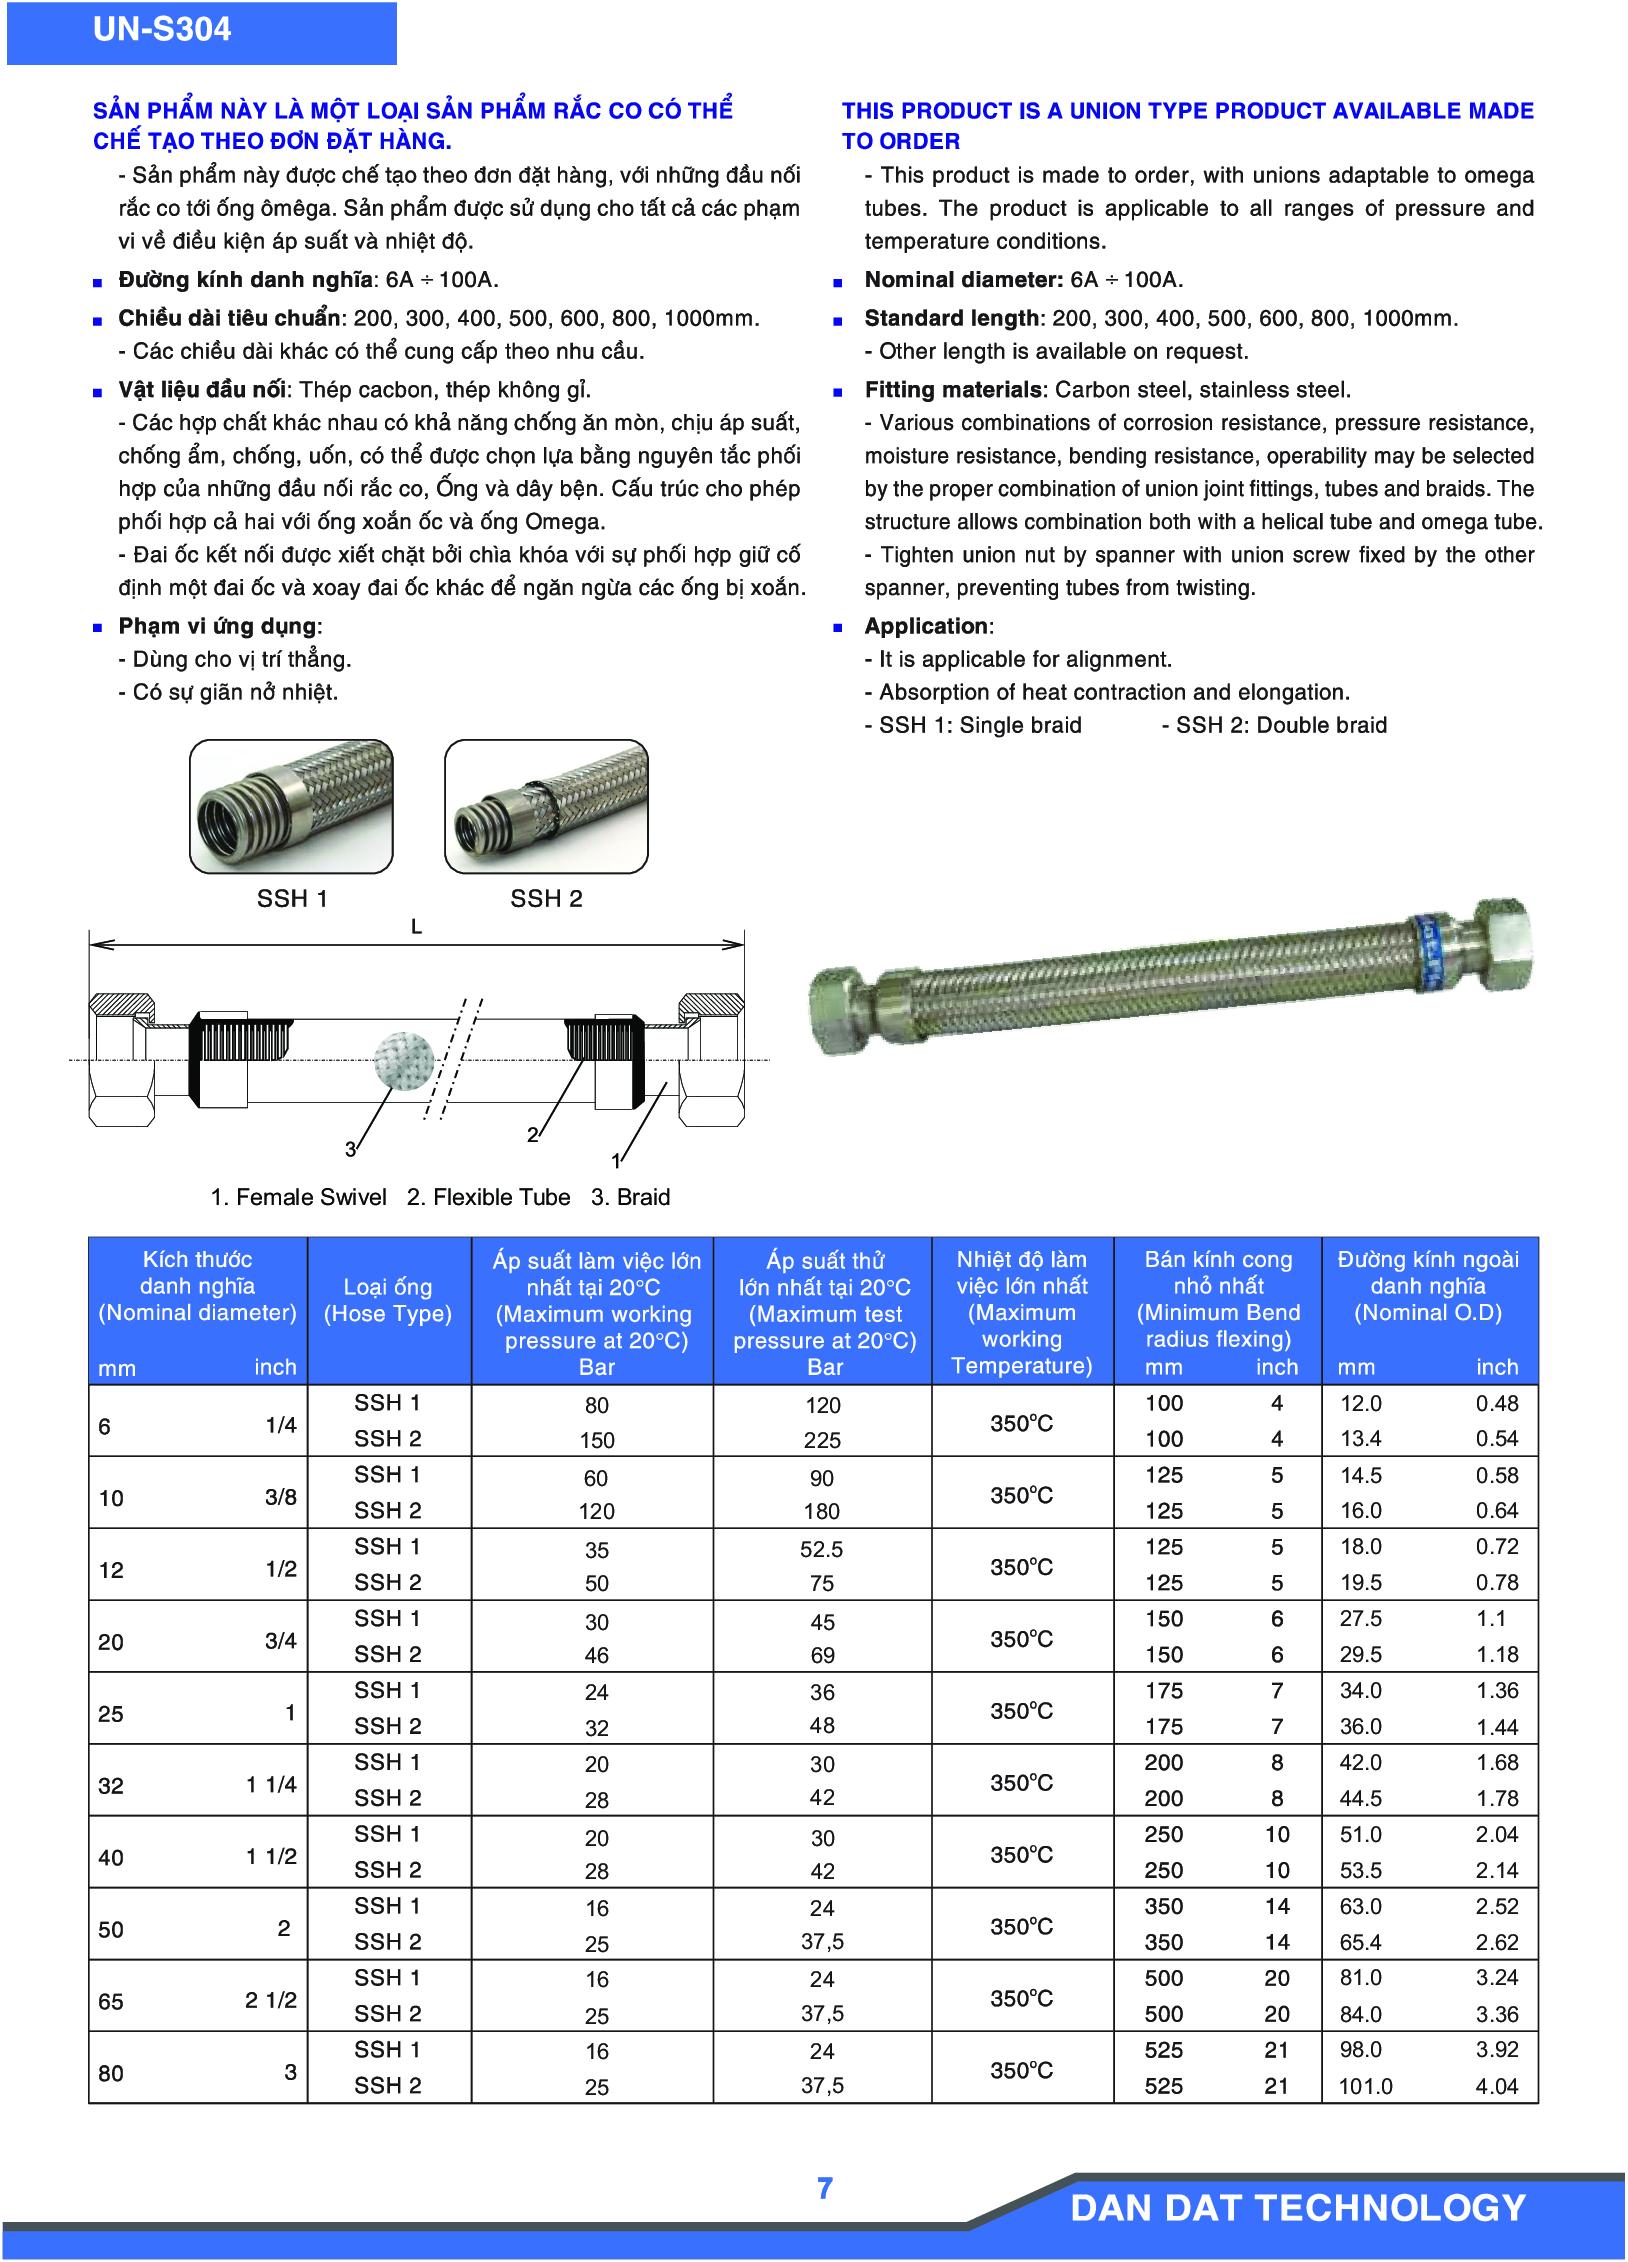 Khớp nối mềm model UN-S304